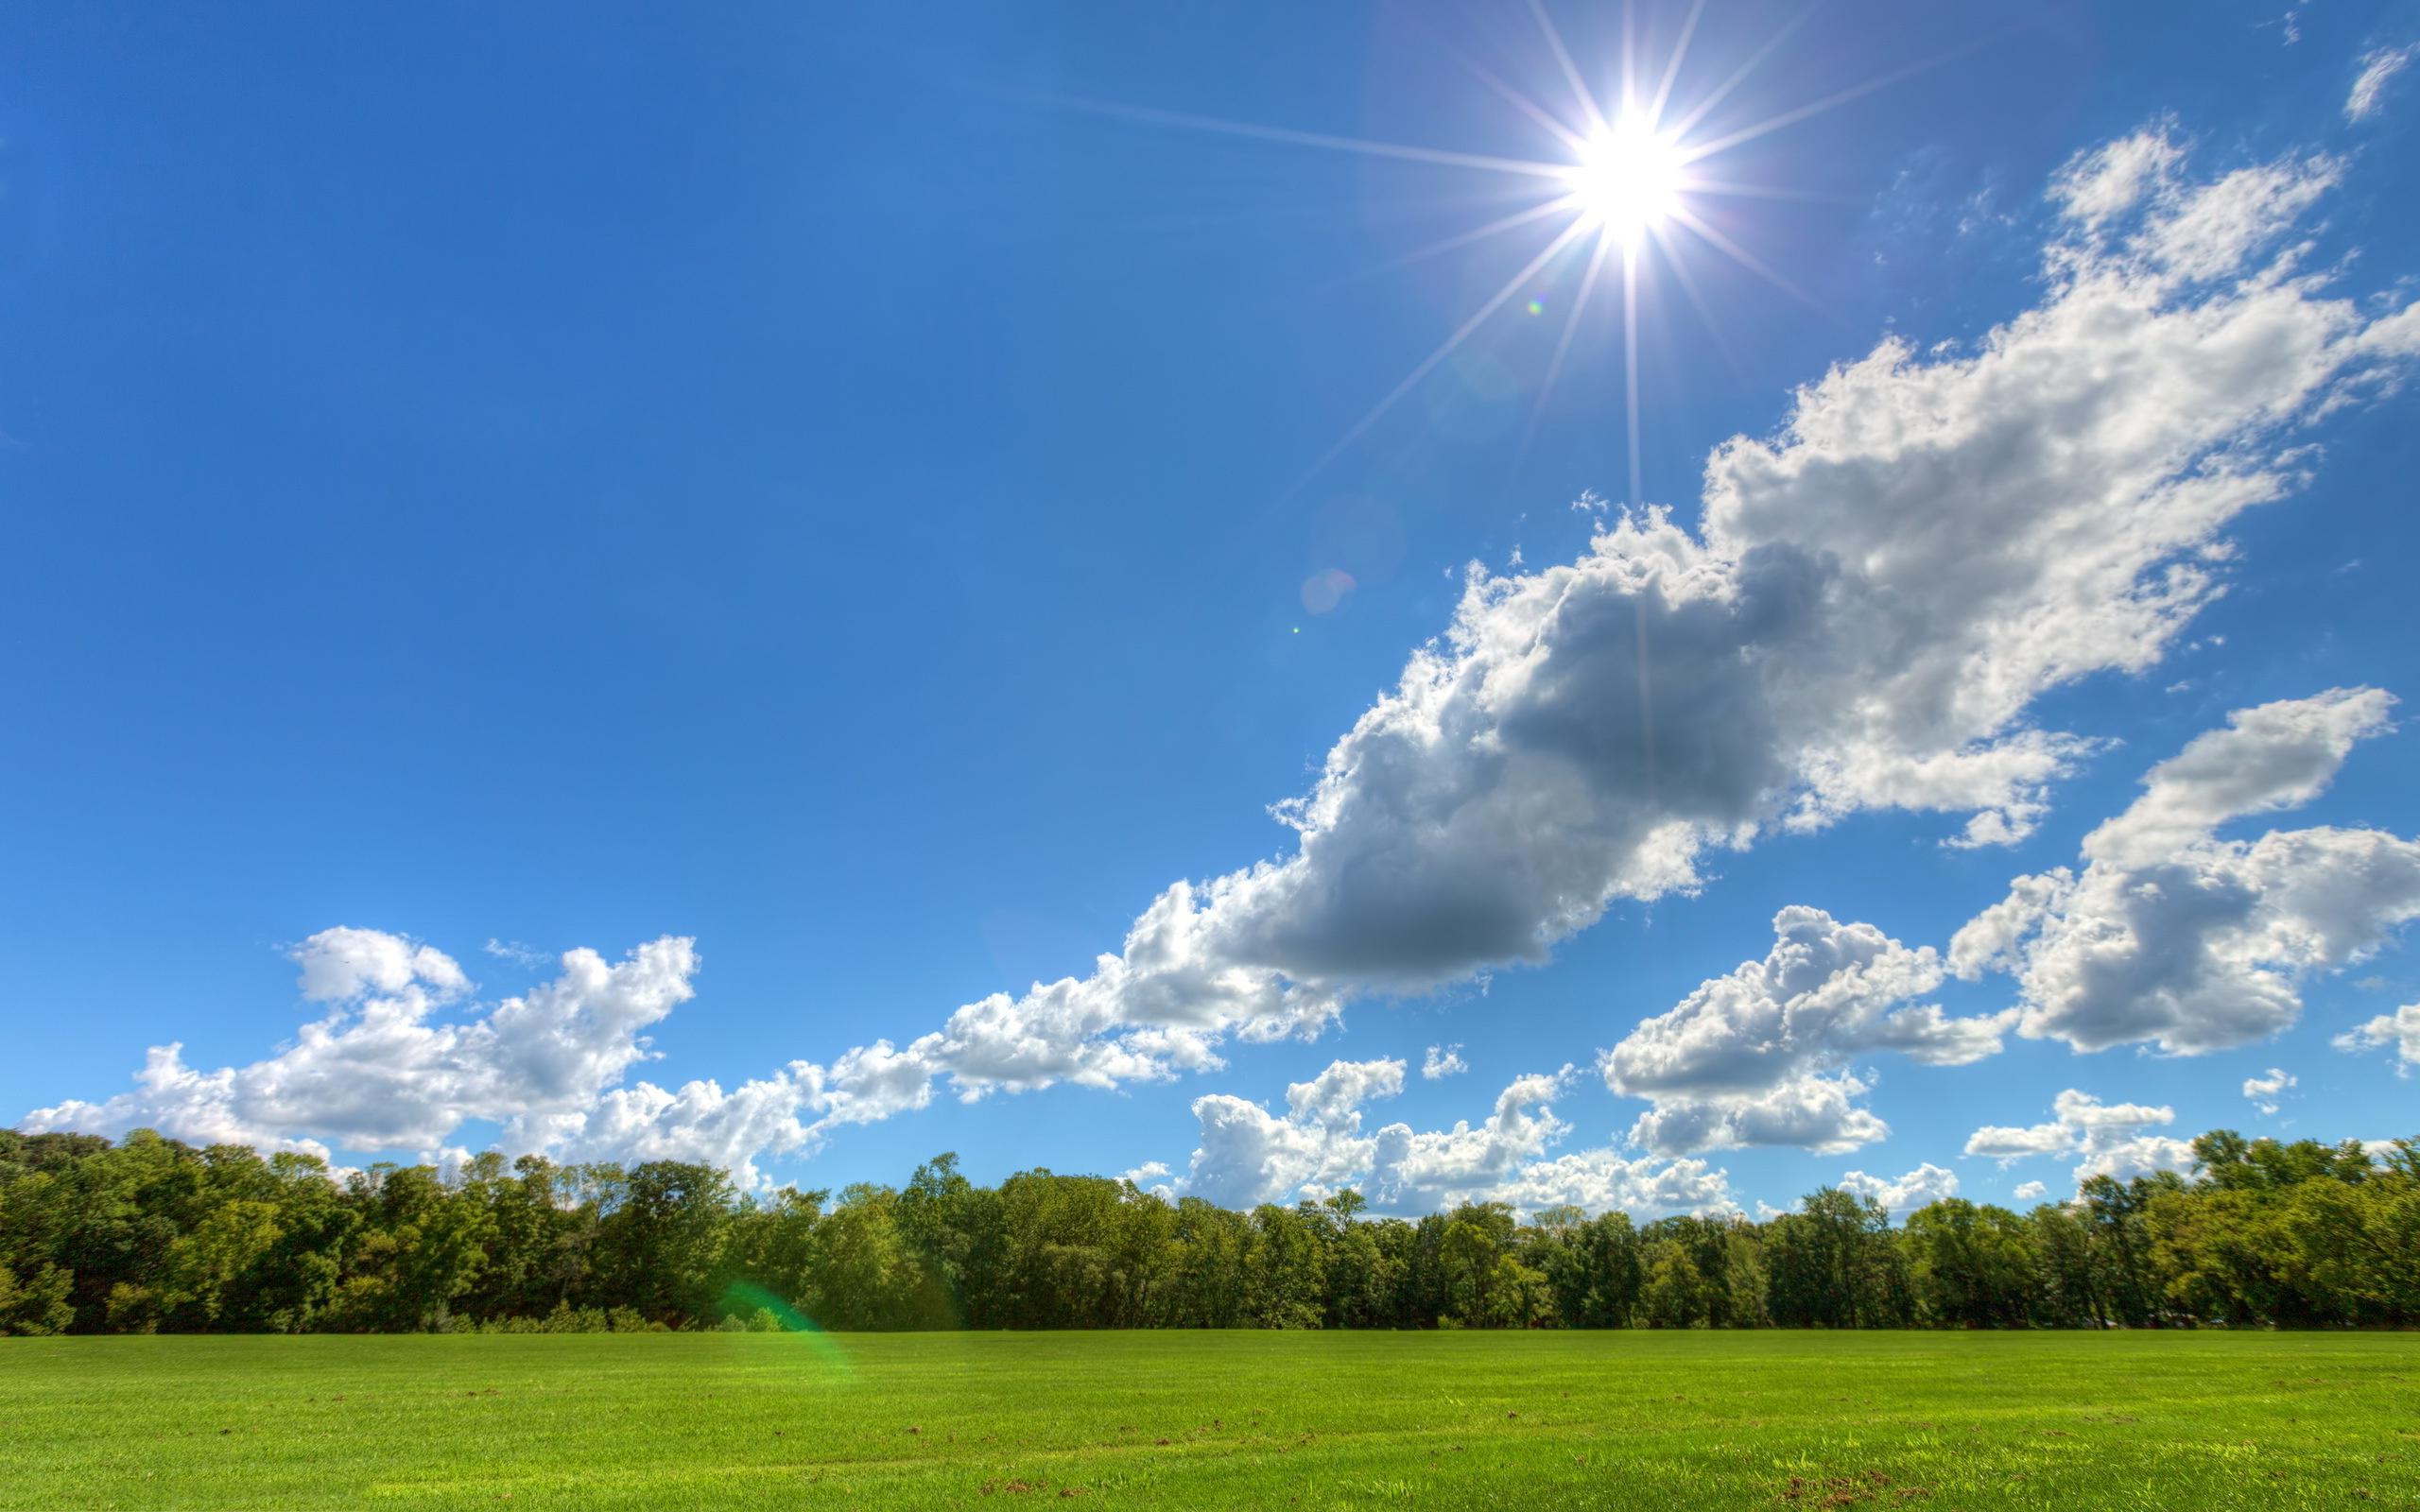 Landscape Sunny Day